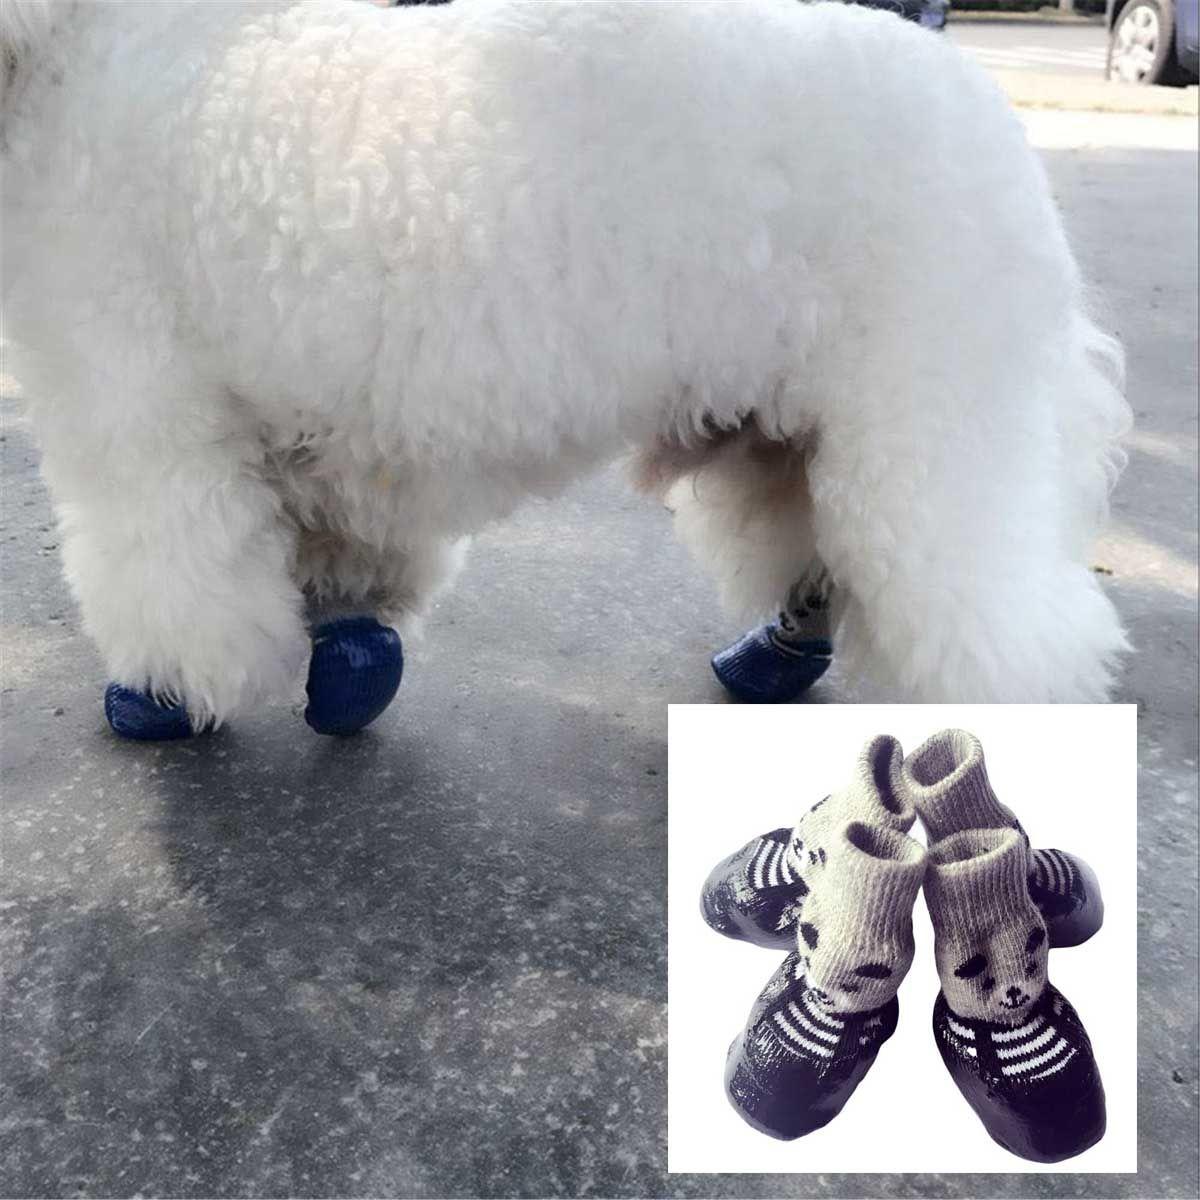 강아지 작은 고양이 개를위한 HOT면 고무 애완 동물 개 신발 방수 미끄럼 방지 개 비 스노우 부츠 양말 신발